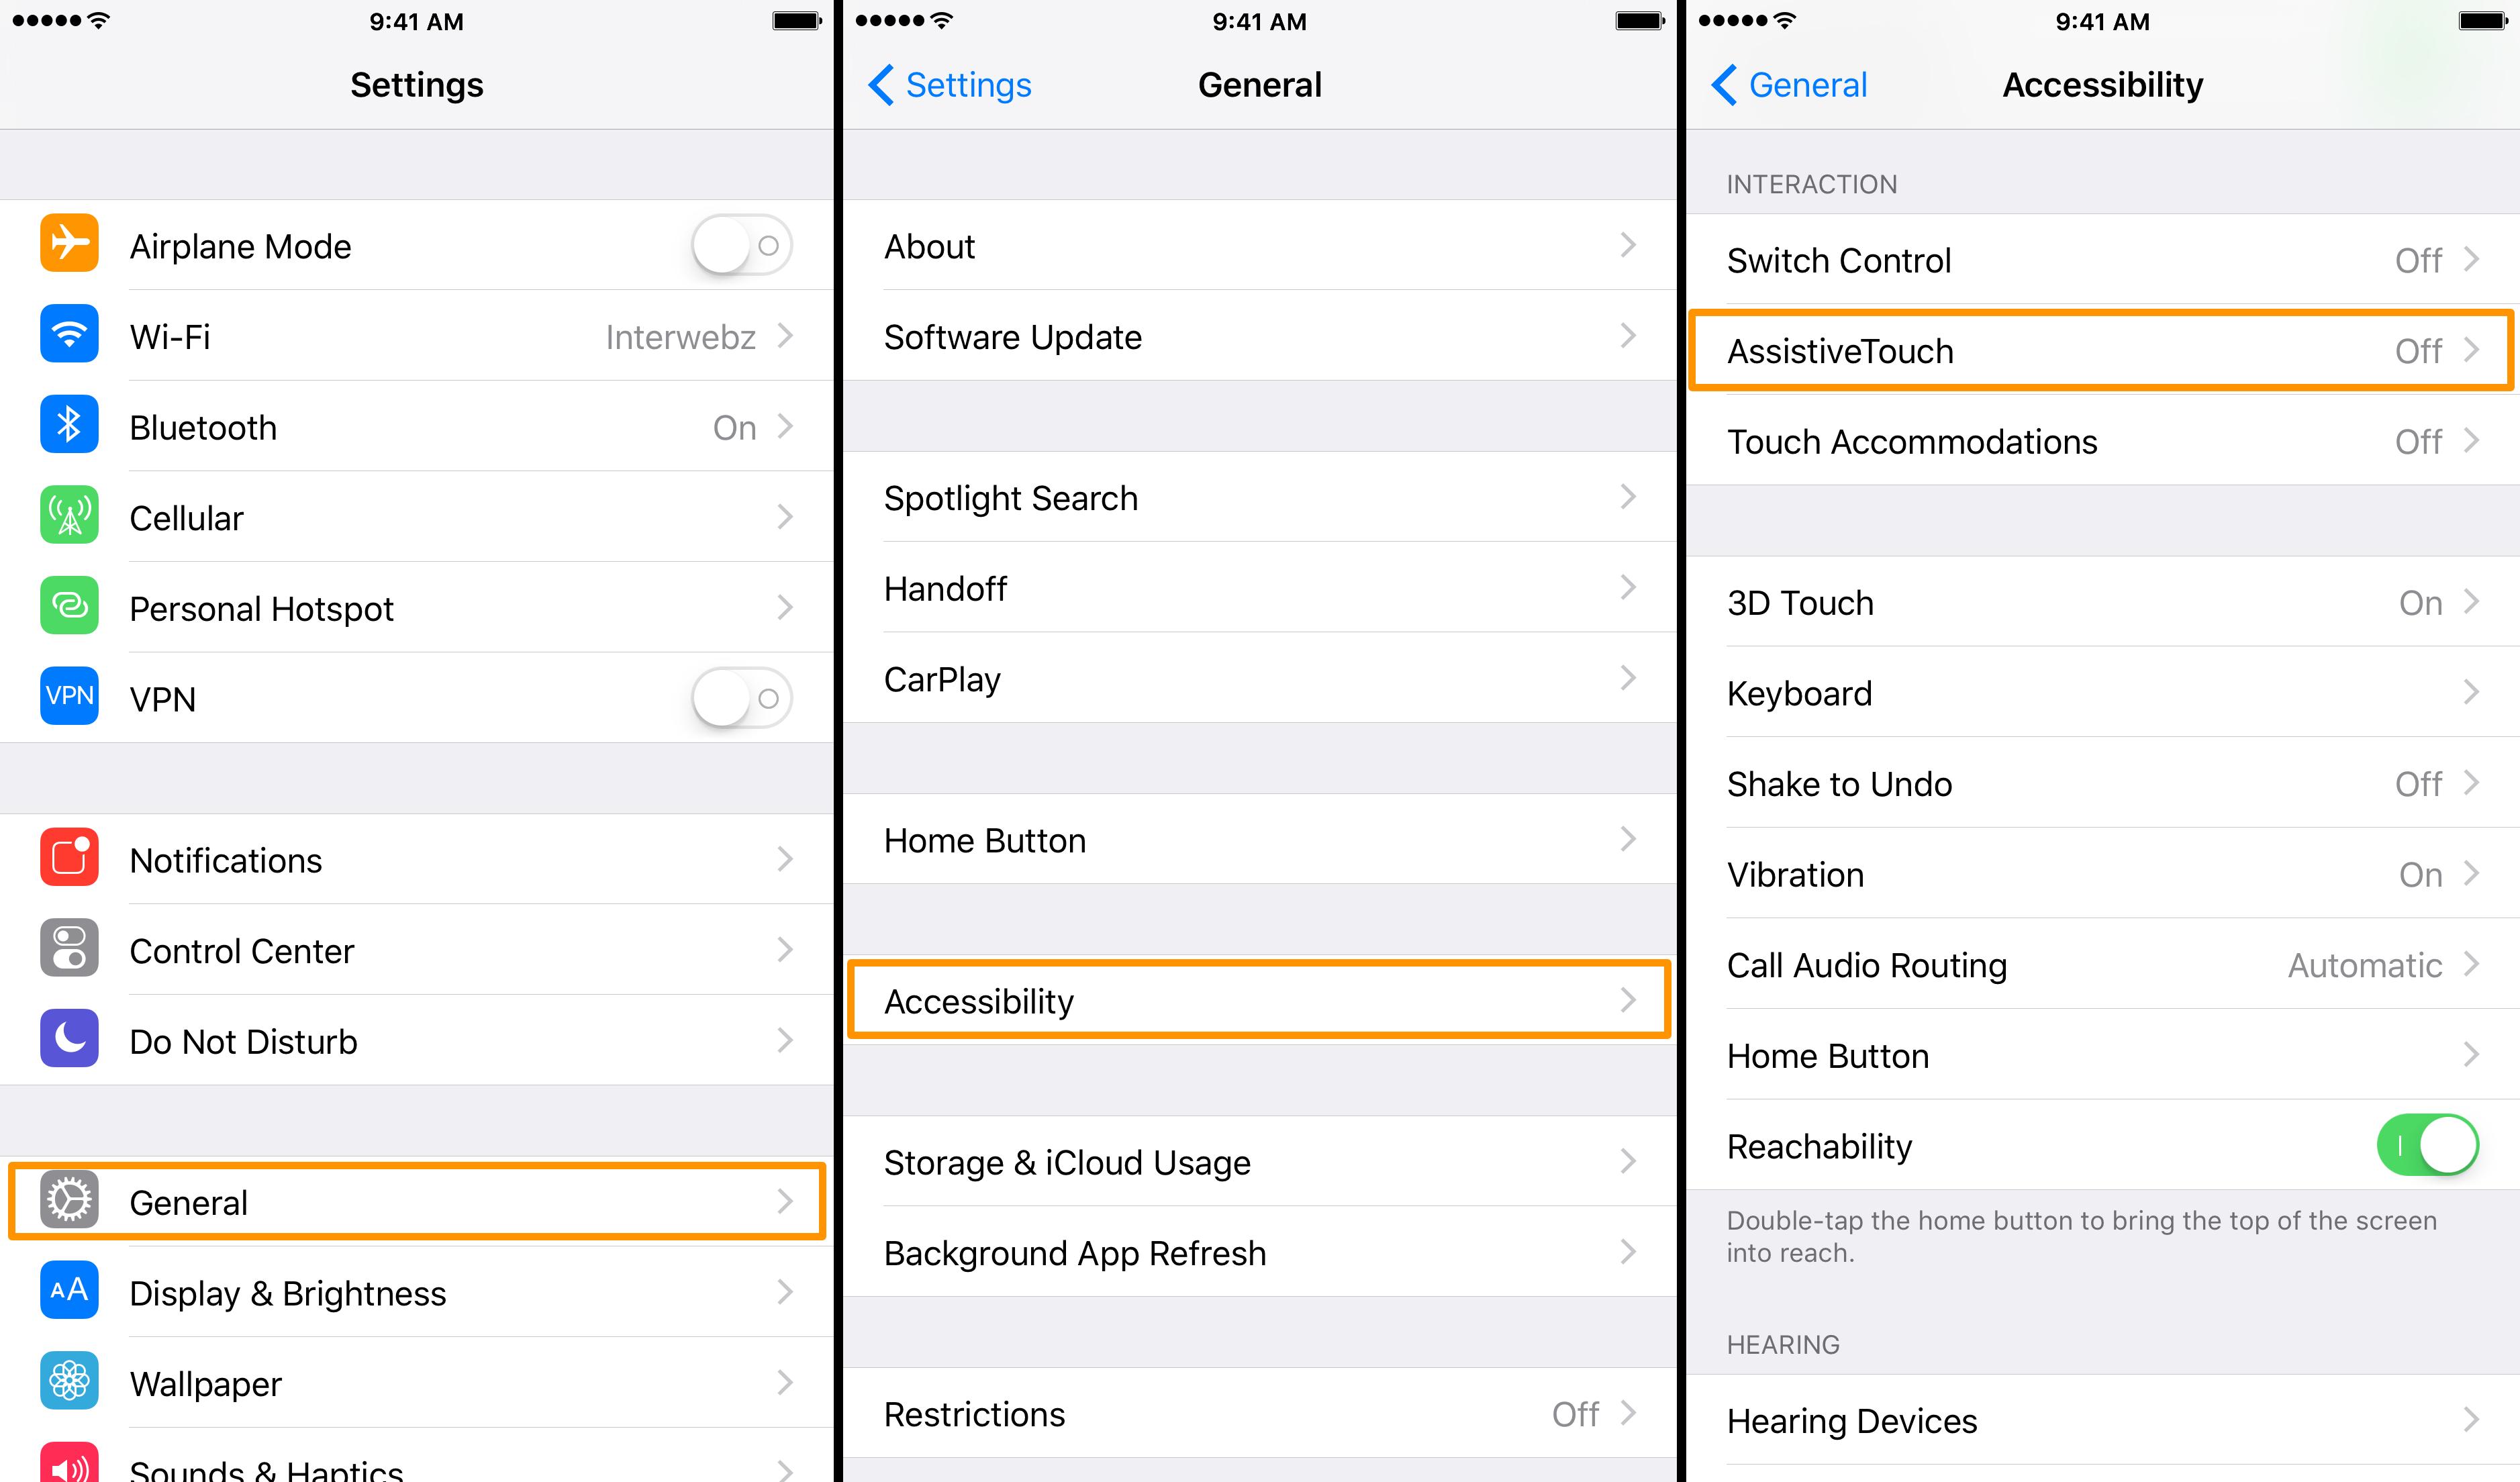 reiniciar el iPhone sin botón de encendido - Asistencia táctil